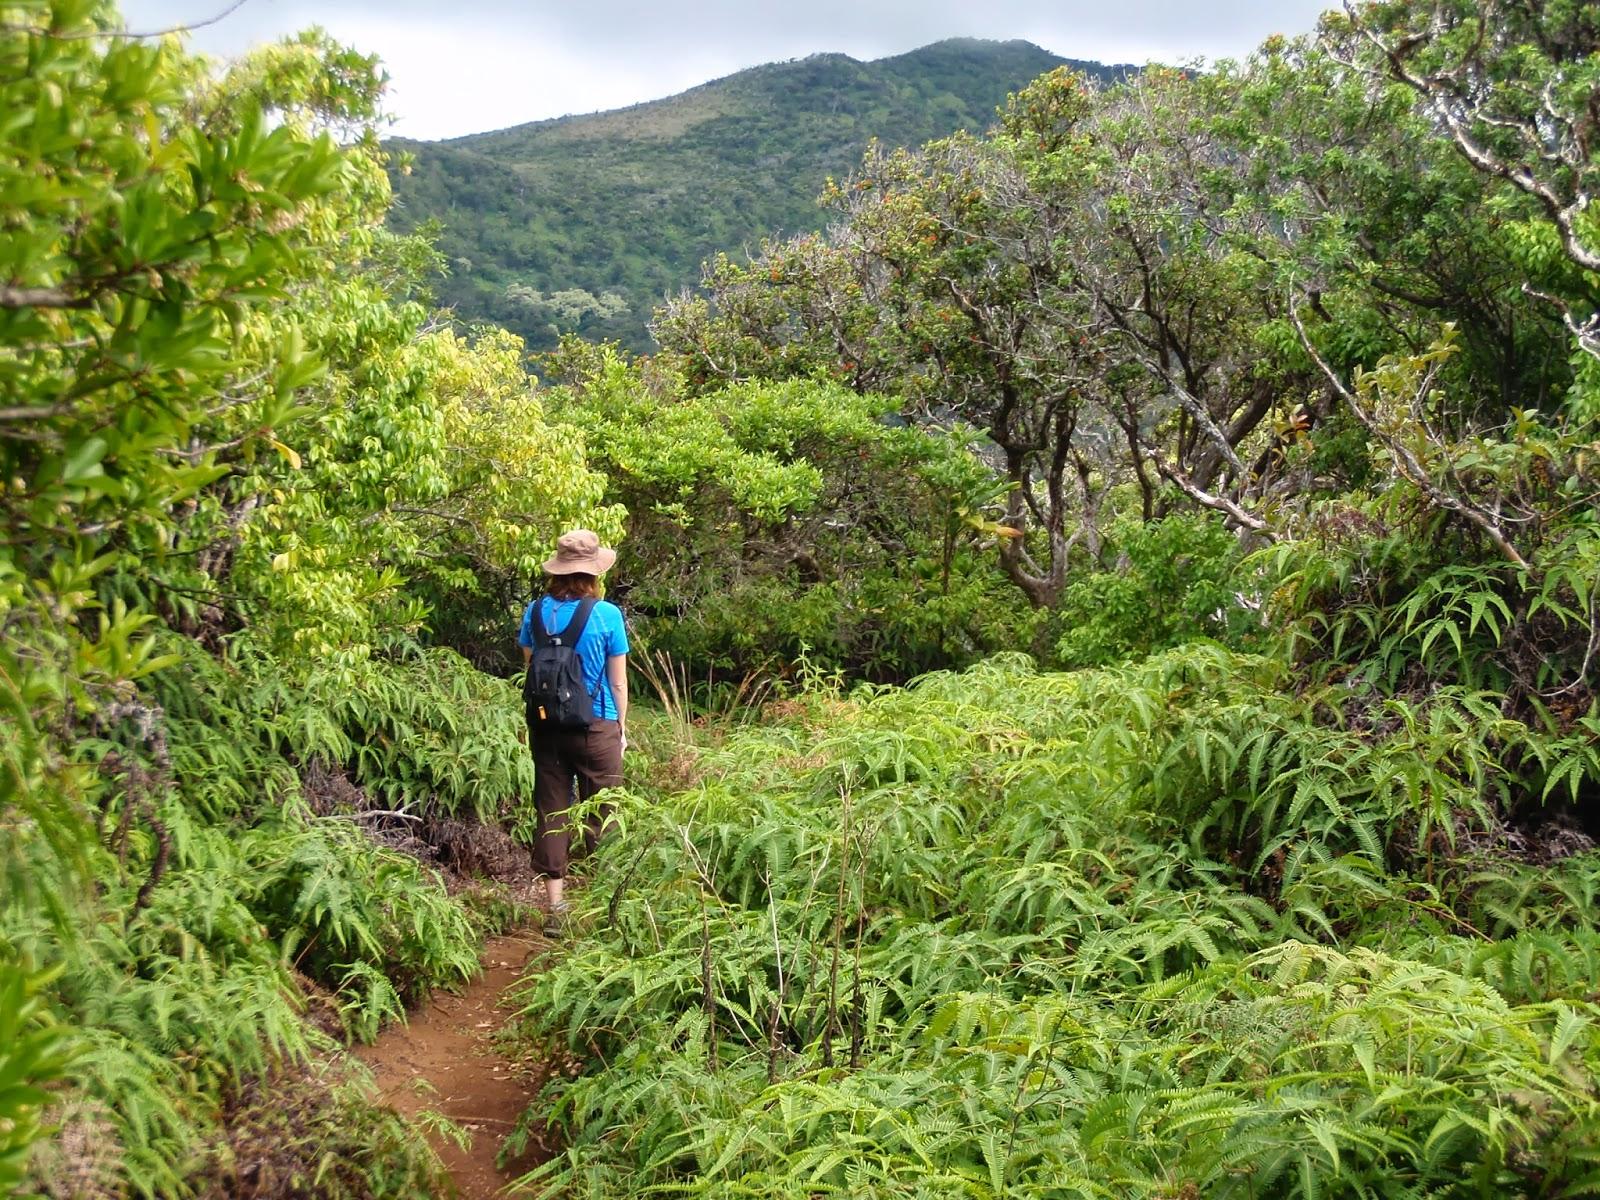 Ridge Hike Maui Top Trails Hiking on Maui